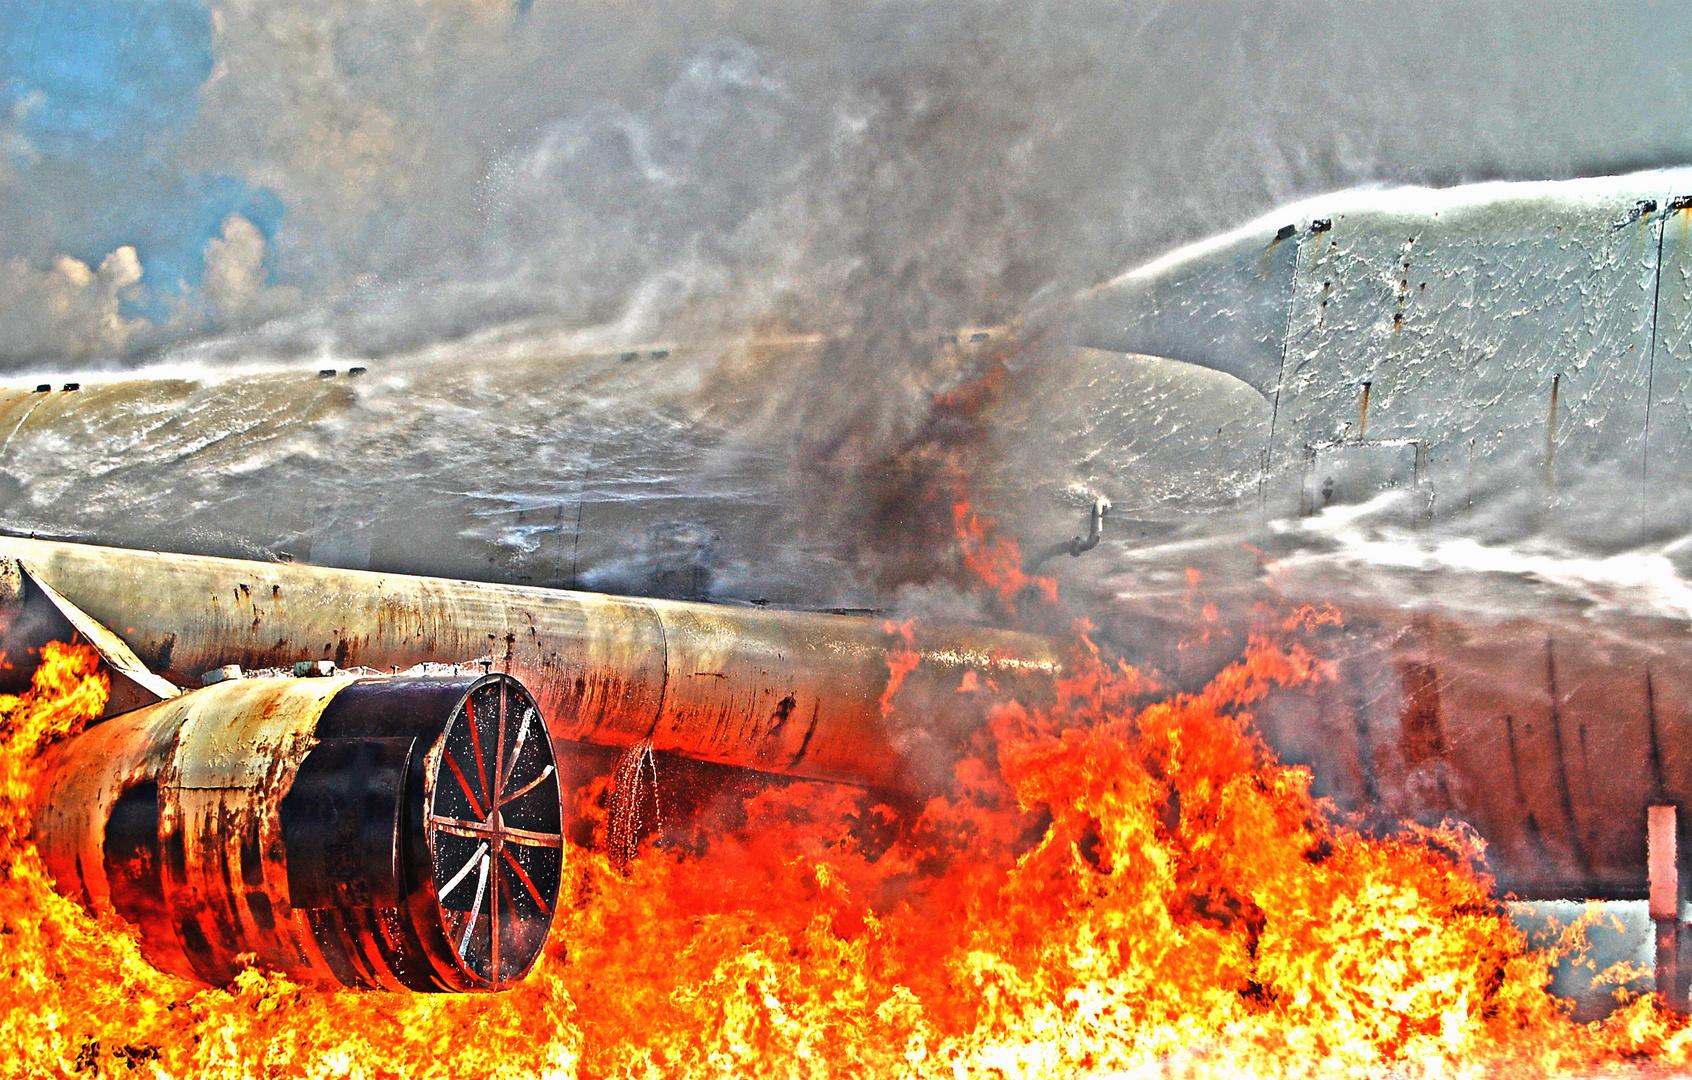 Plane on fire II